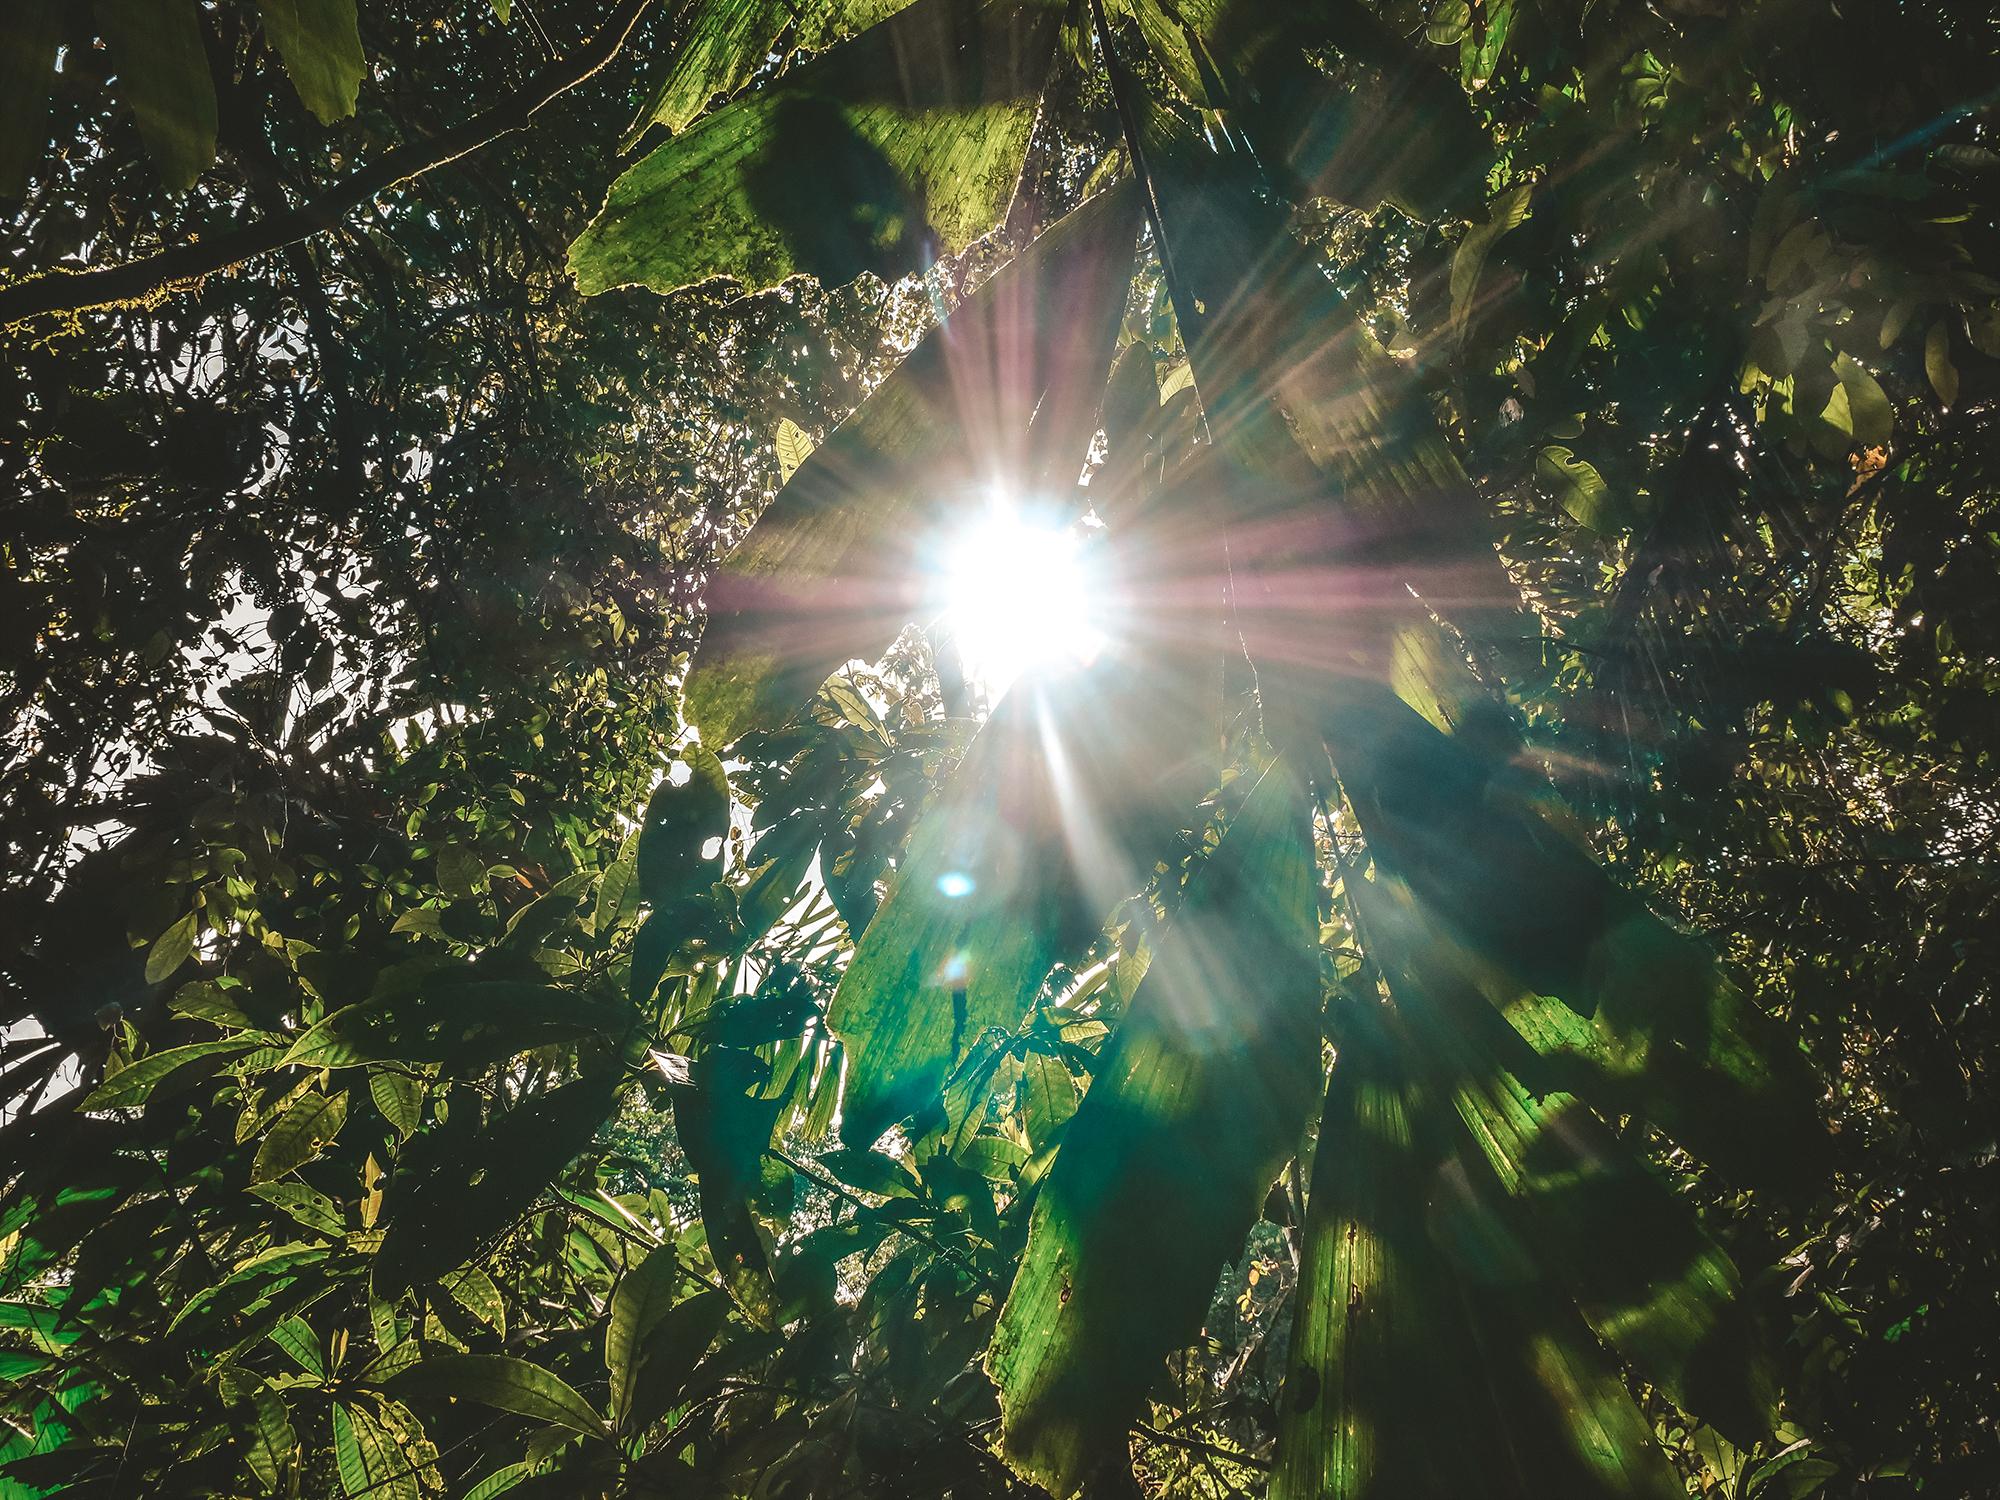 kostaryka park corcovado dojazd